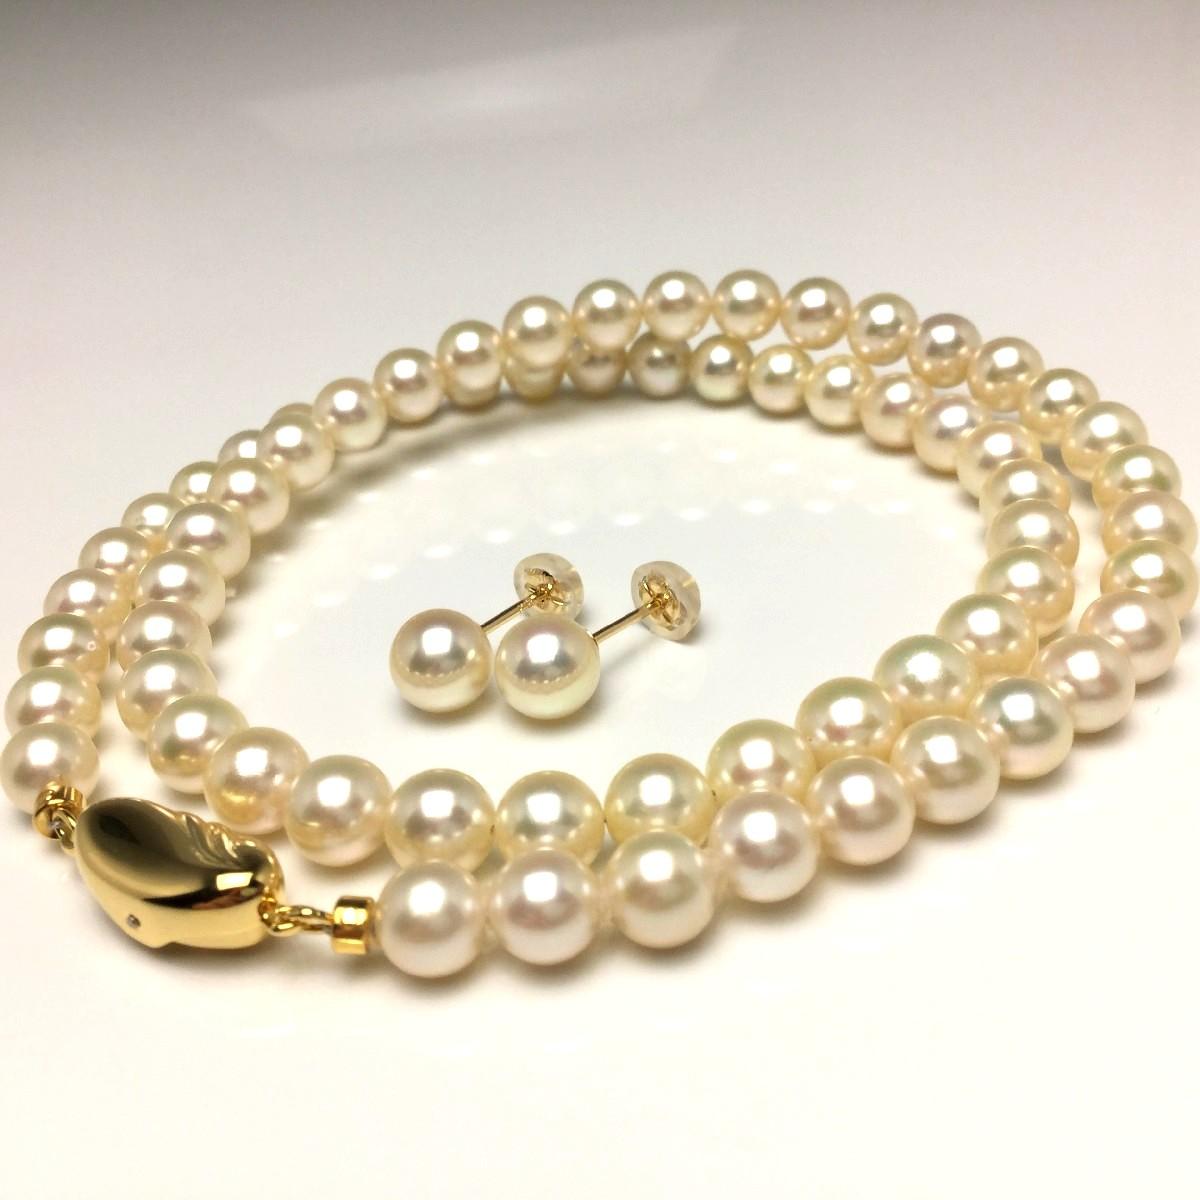 真珠 ネックレス パール アコヤ真珠 ピアス セット 6.0-6.5mm シャンパンゴールド シルバー クラスップ 67049 イソワパール